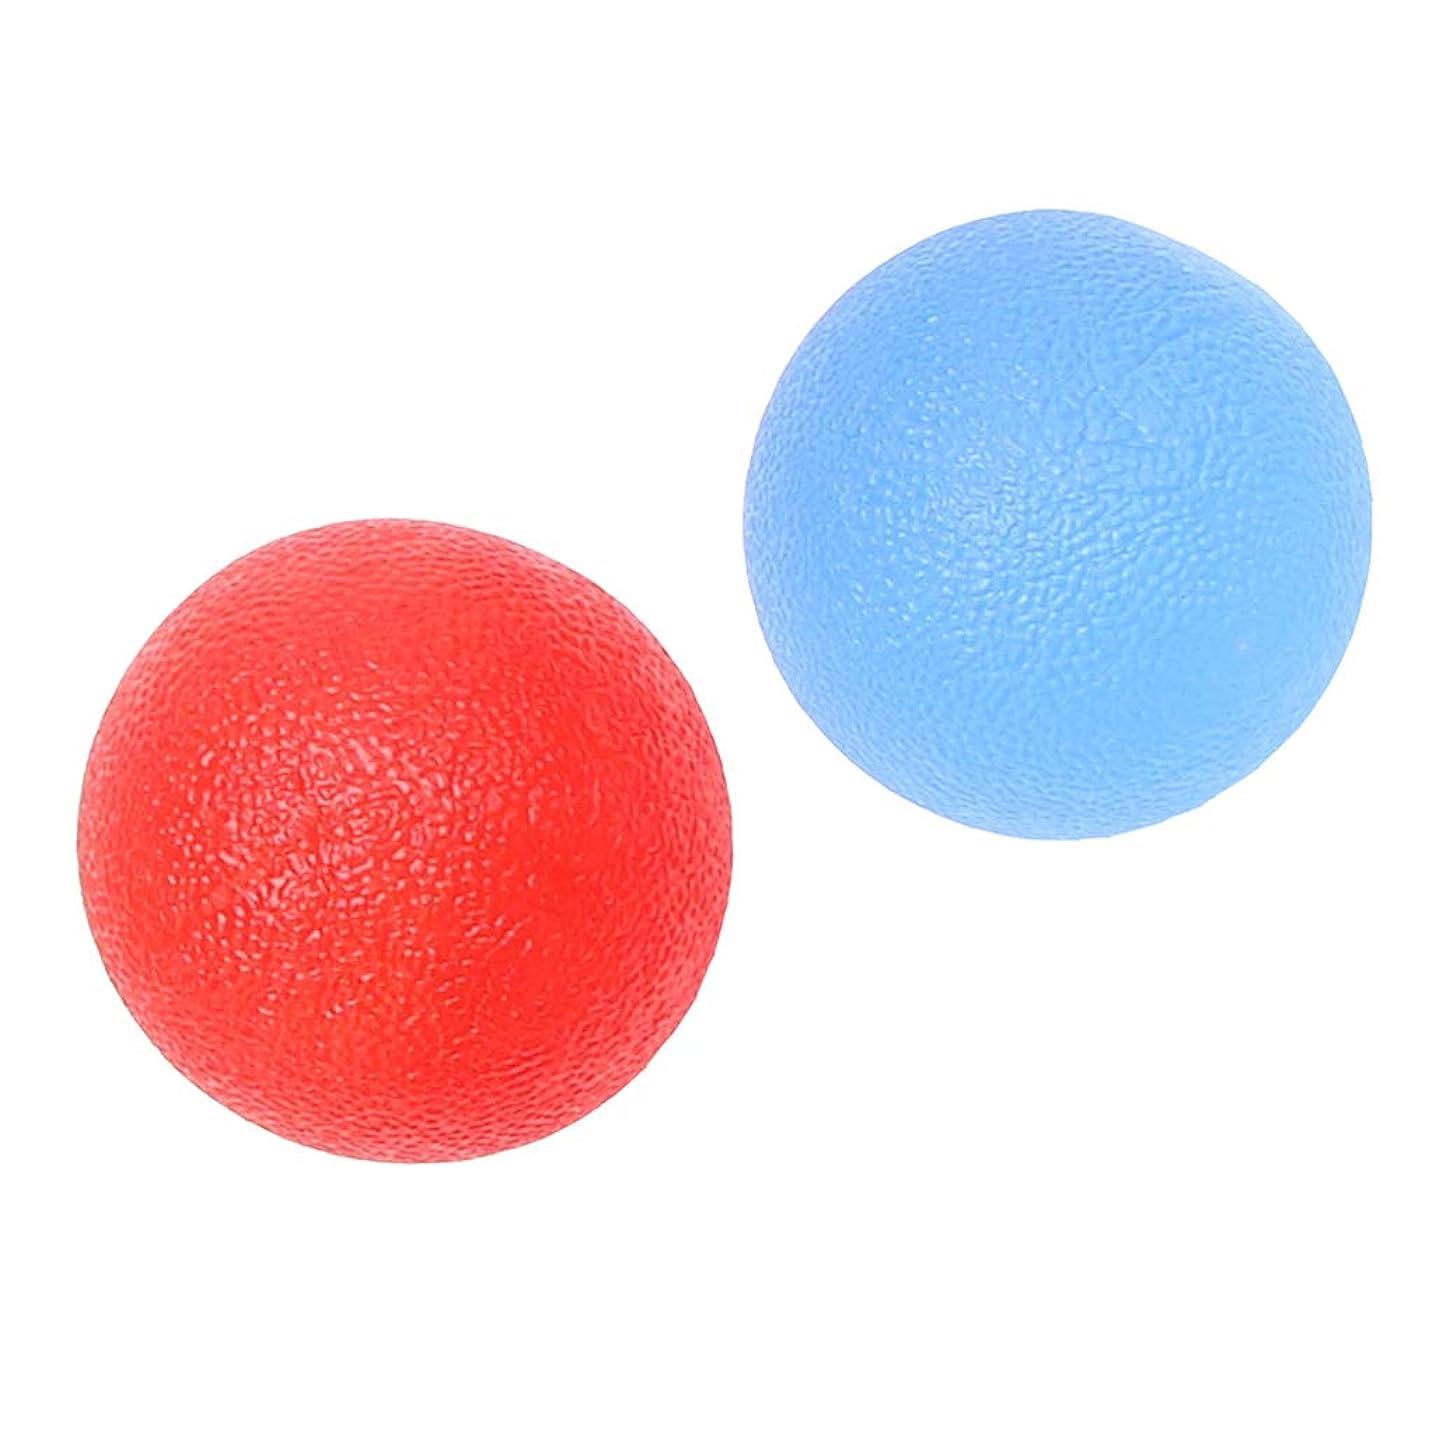 高いドームもつれPerfeclan ハンドエクササイズボール ハンドグリップ シリコン 指トレーニング ストレス緩和 贈り物 2個入